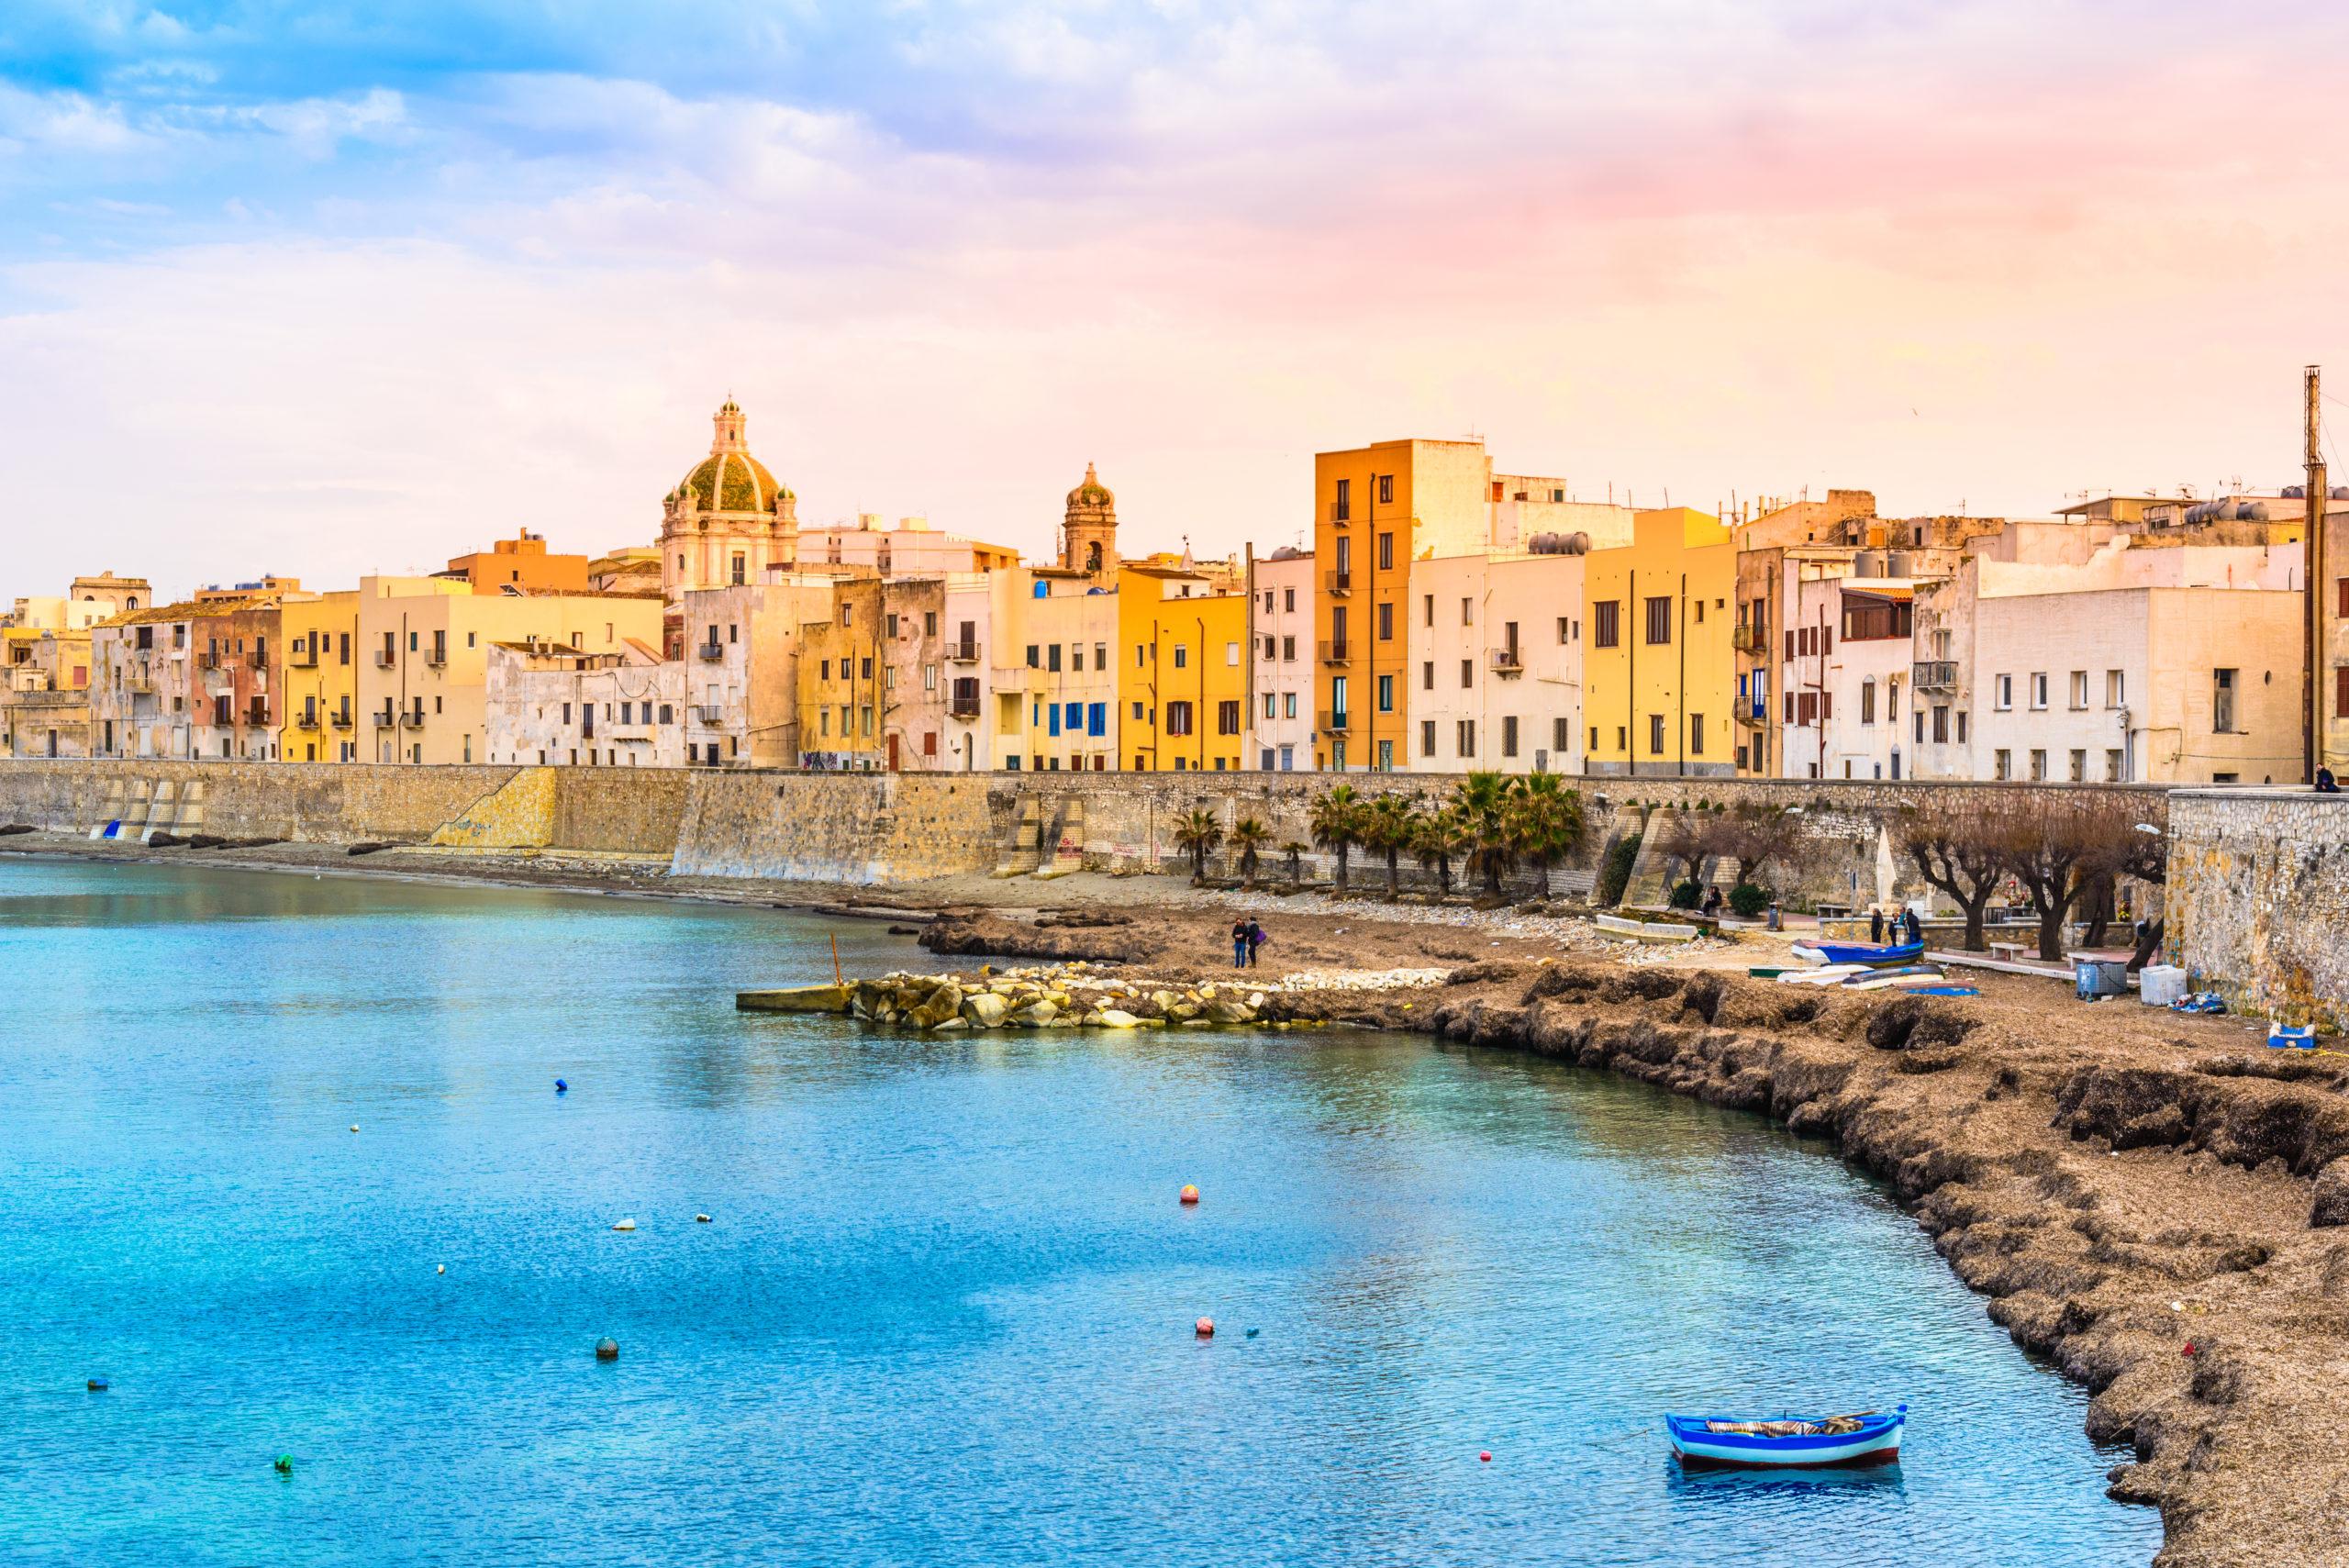 Trapani panoramiczny widok na port, Sycylia, Włochy., licencja: shutterstock/By leonori